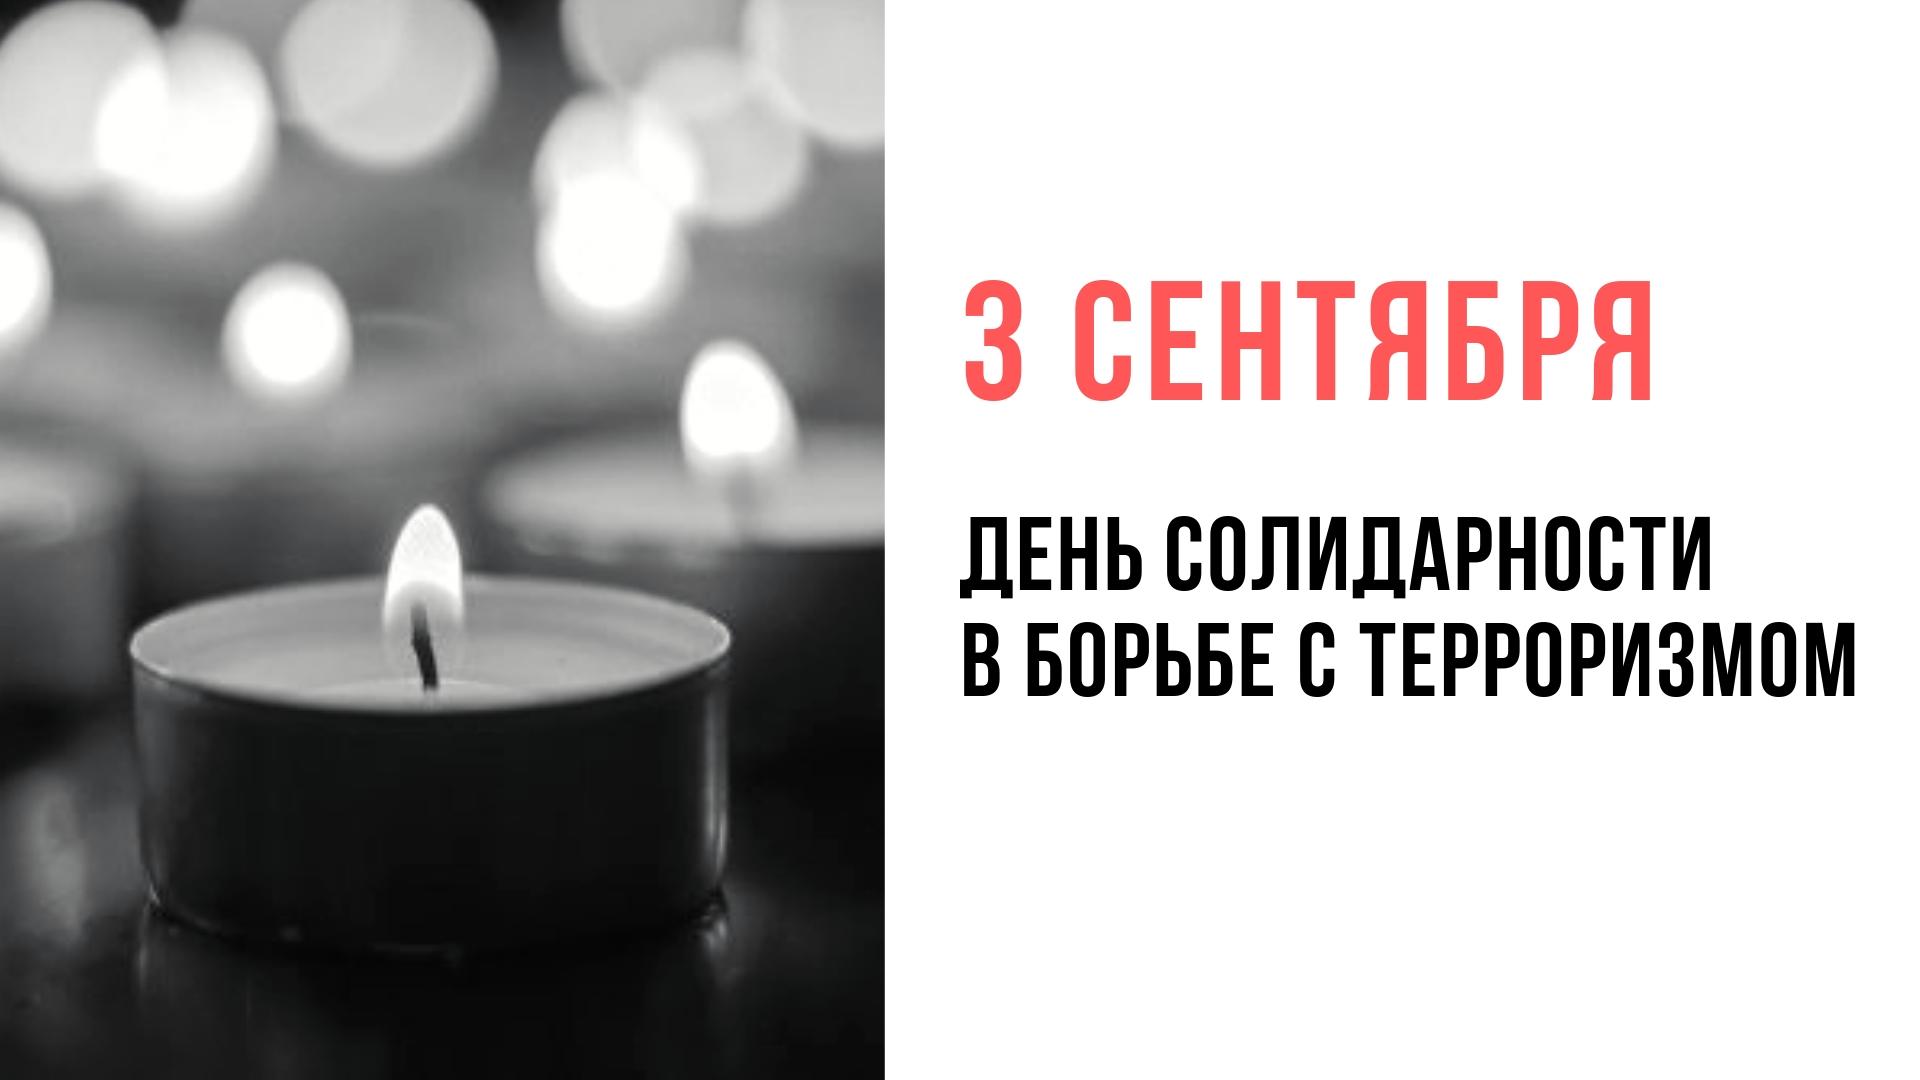 3 СЕНТЯБРЯ ДЕНЬ СОЛИДАРНОСТИ В БОРЬБЕ С ТЕРРОРИЗМОМ (3)